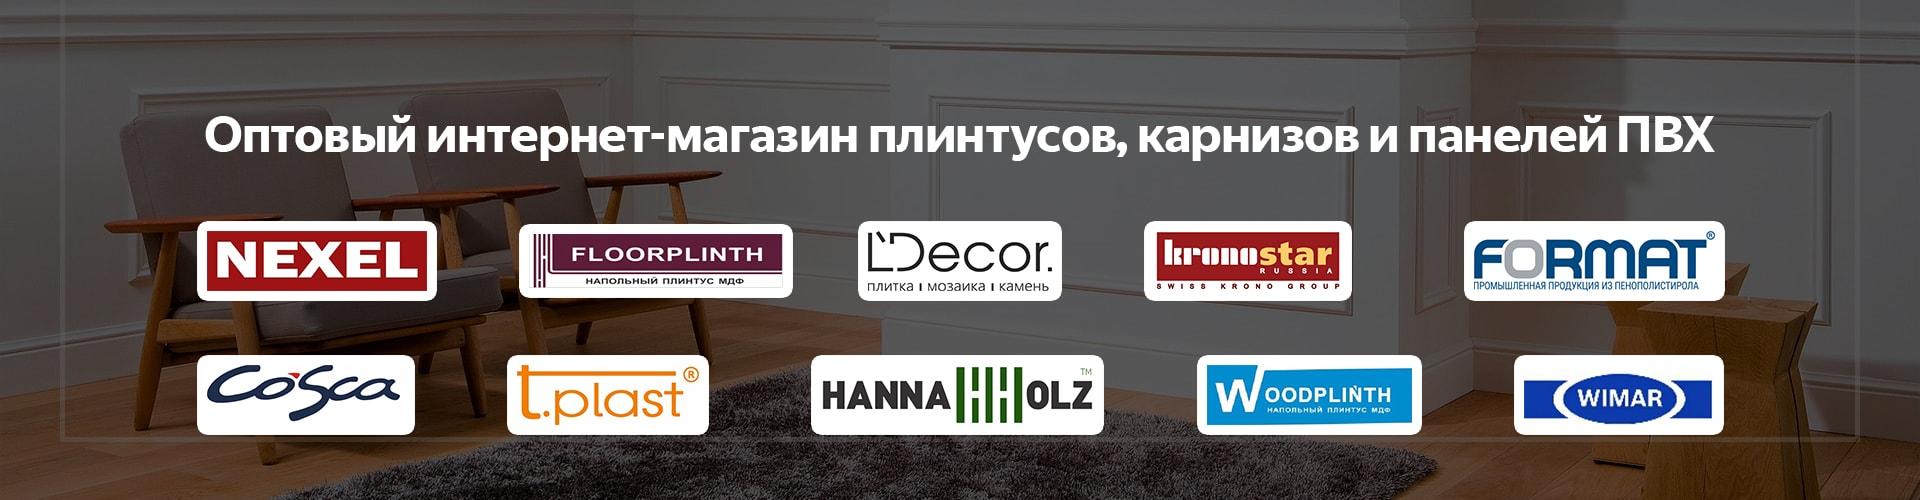 Оптовый интернет-магазин плинтусов, карнизов и панелей ПВХ Neoplst.ru. С доставкой по всей России!